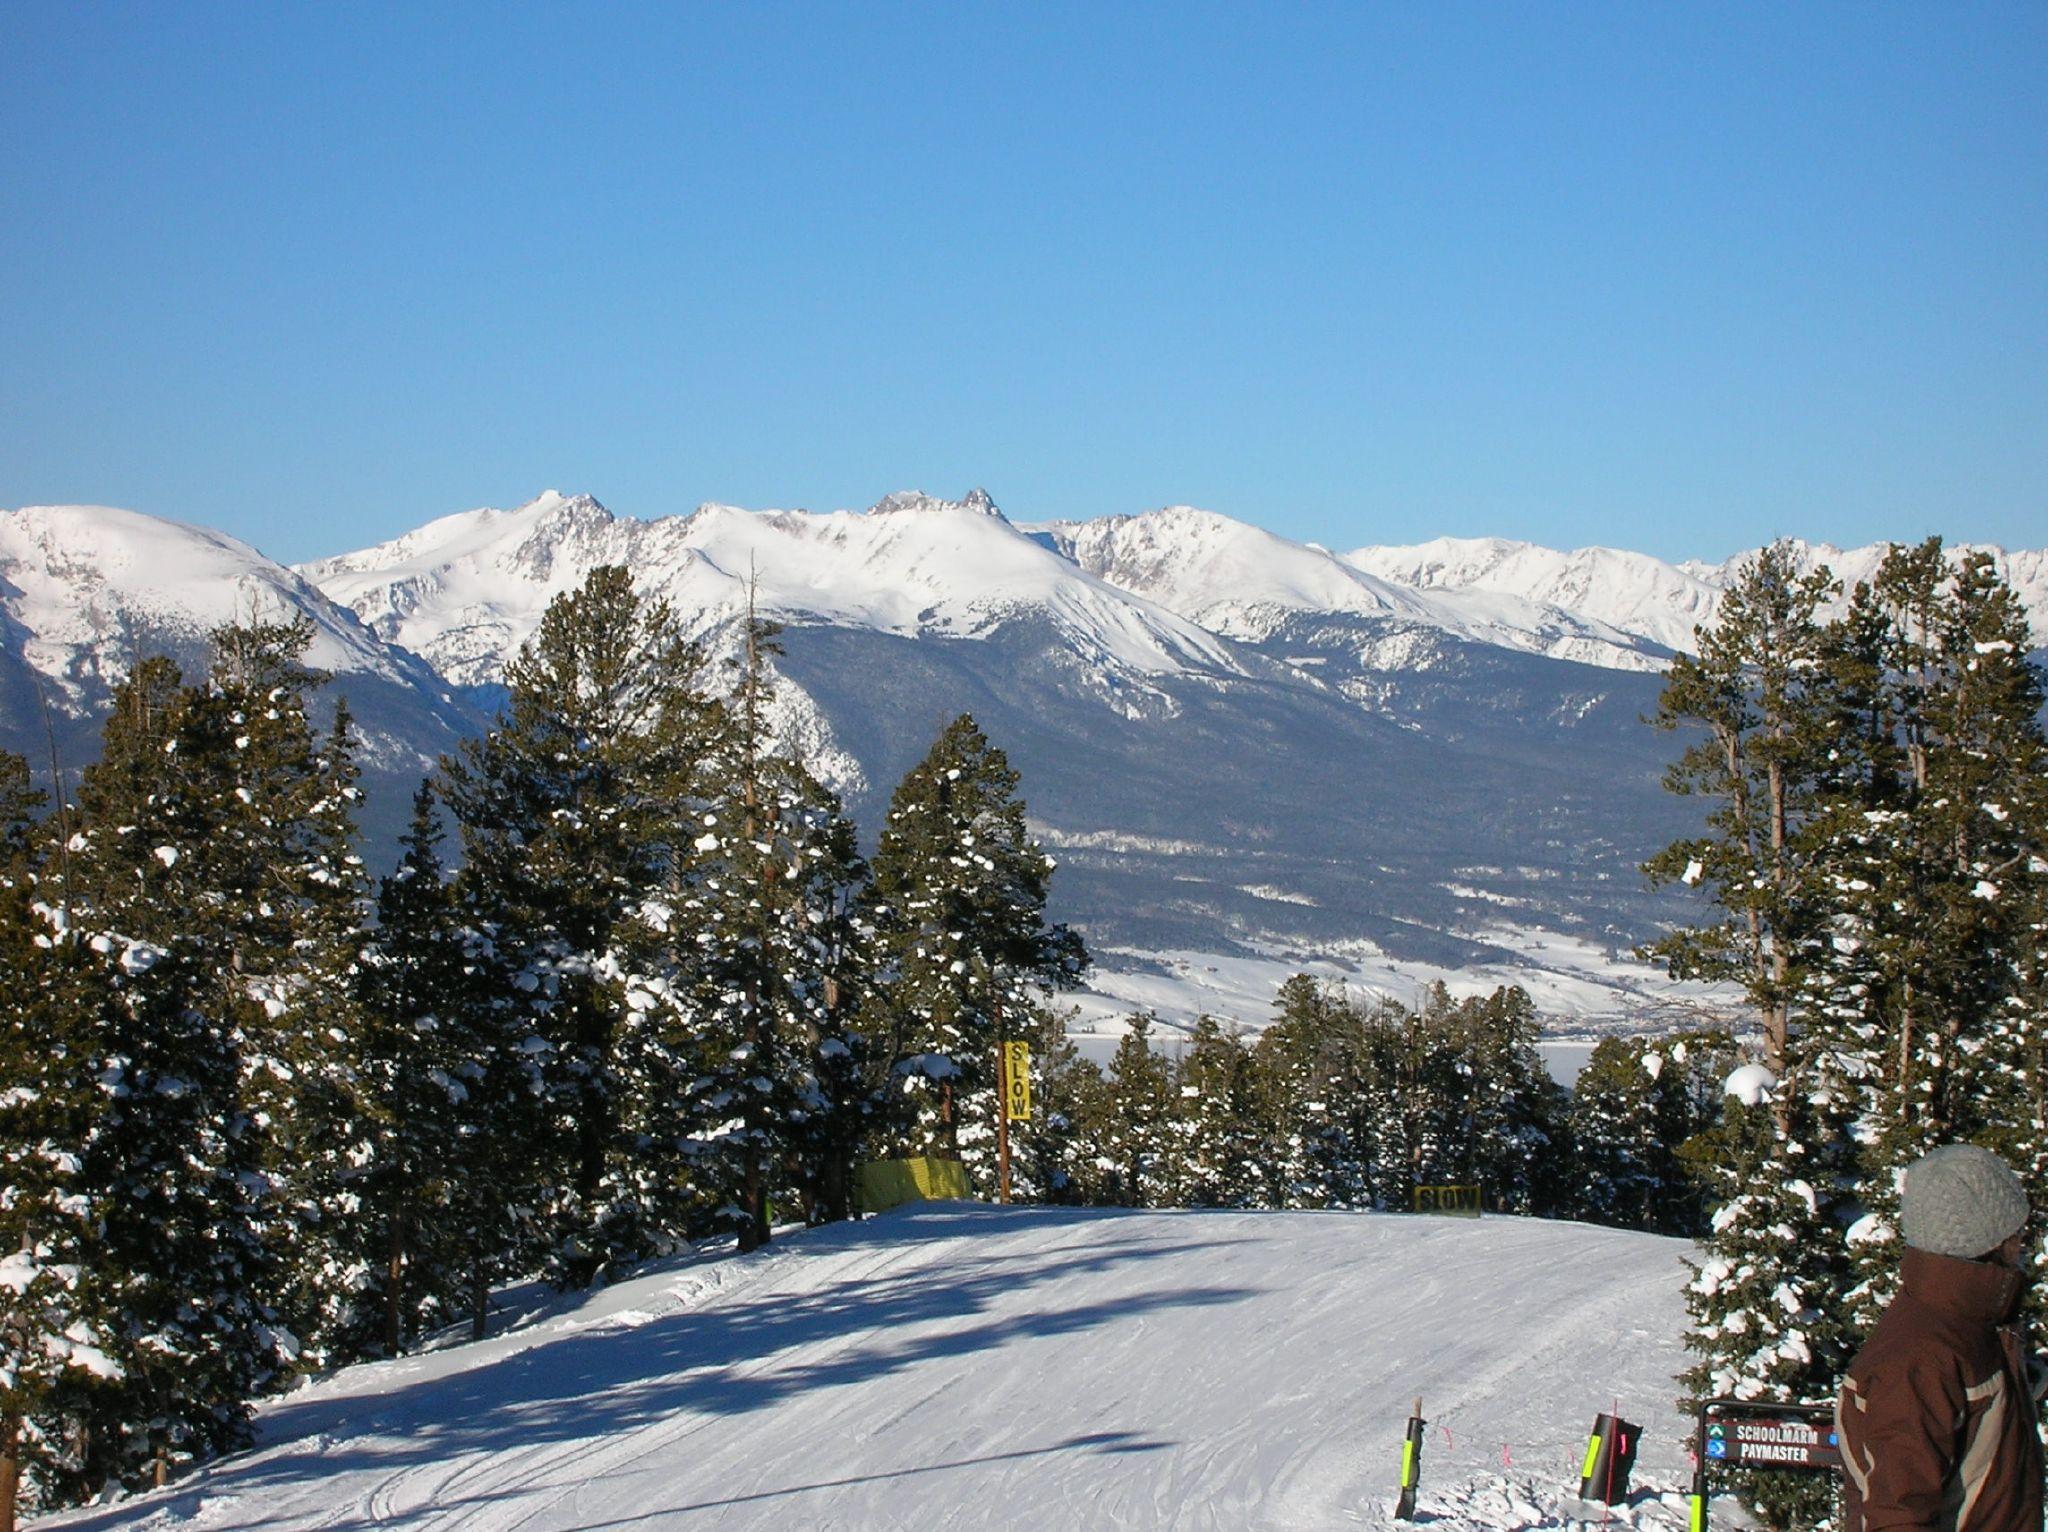 Mountain cabin resorts luxurise wasservillen auf den for Cabins in keystone colorado